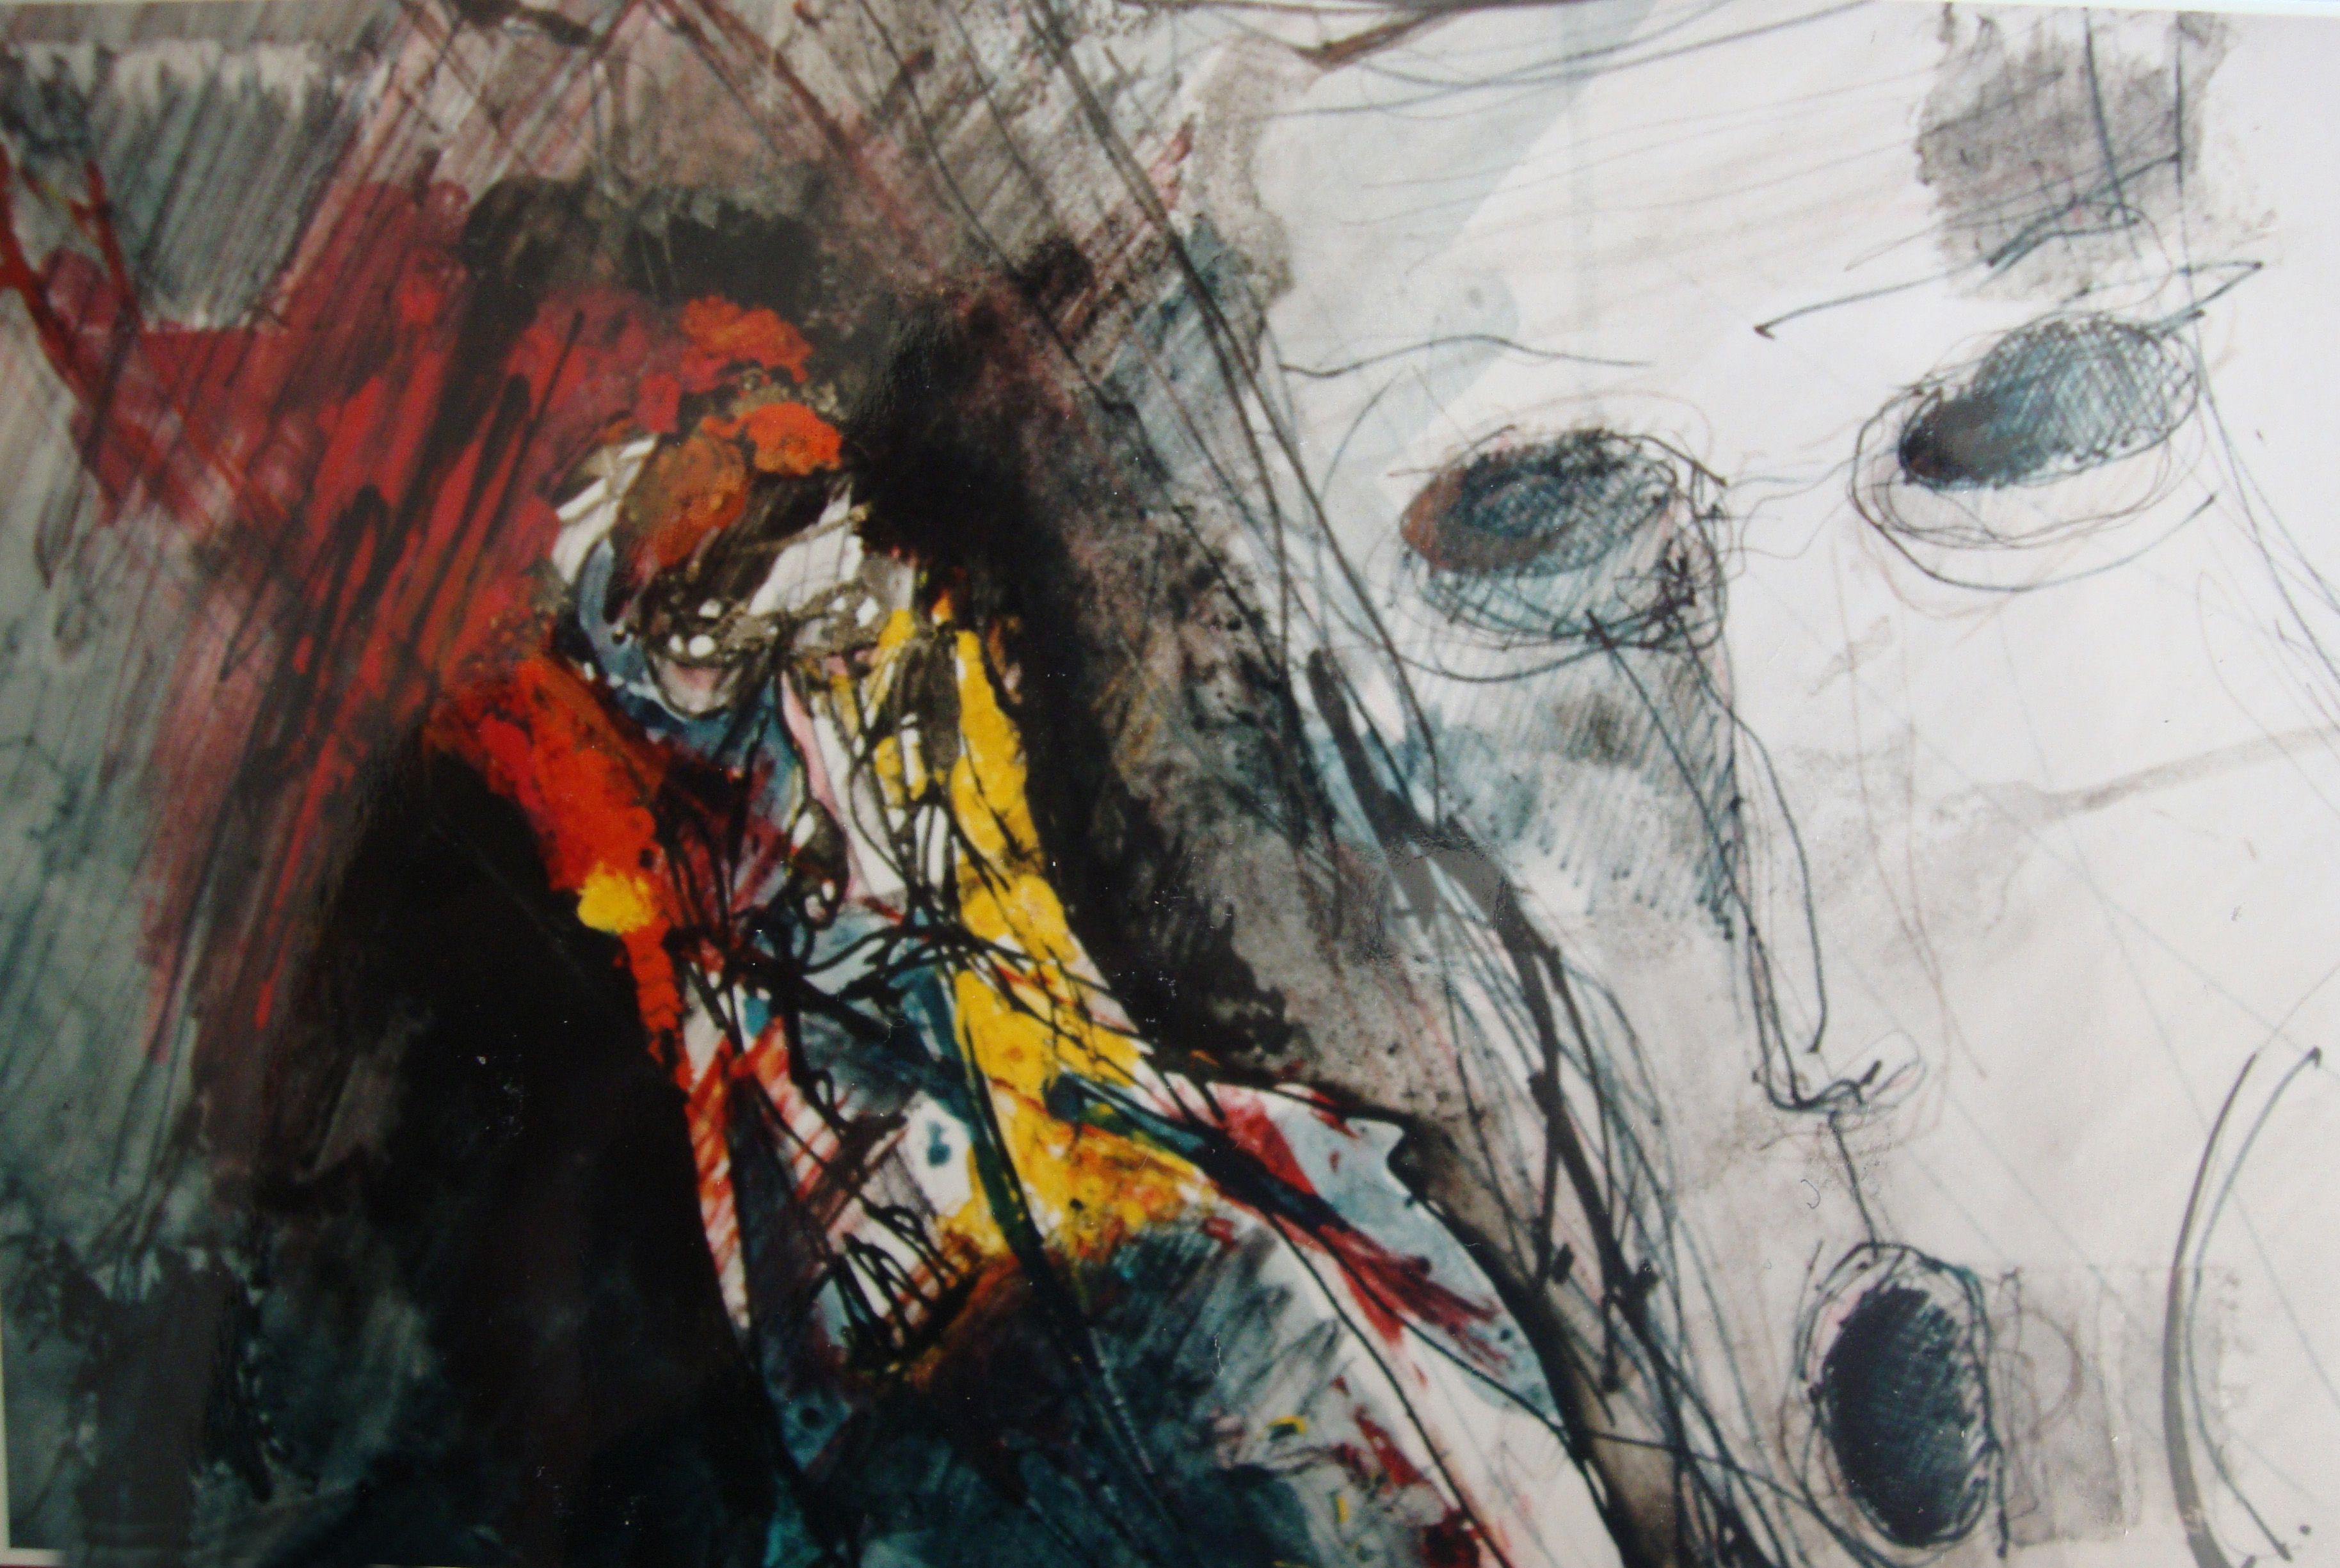 Épinglé par DANIEL NIKOLIC sur Peintures de Maximus Leo | Peinture